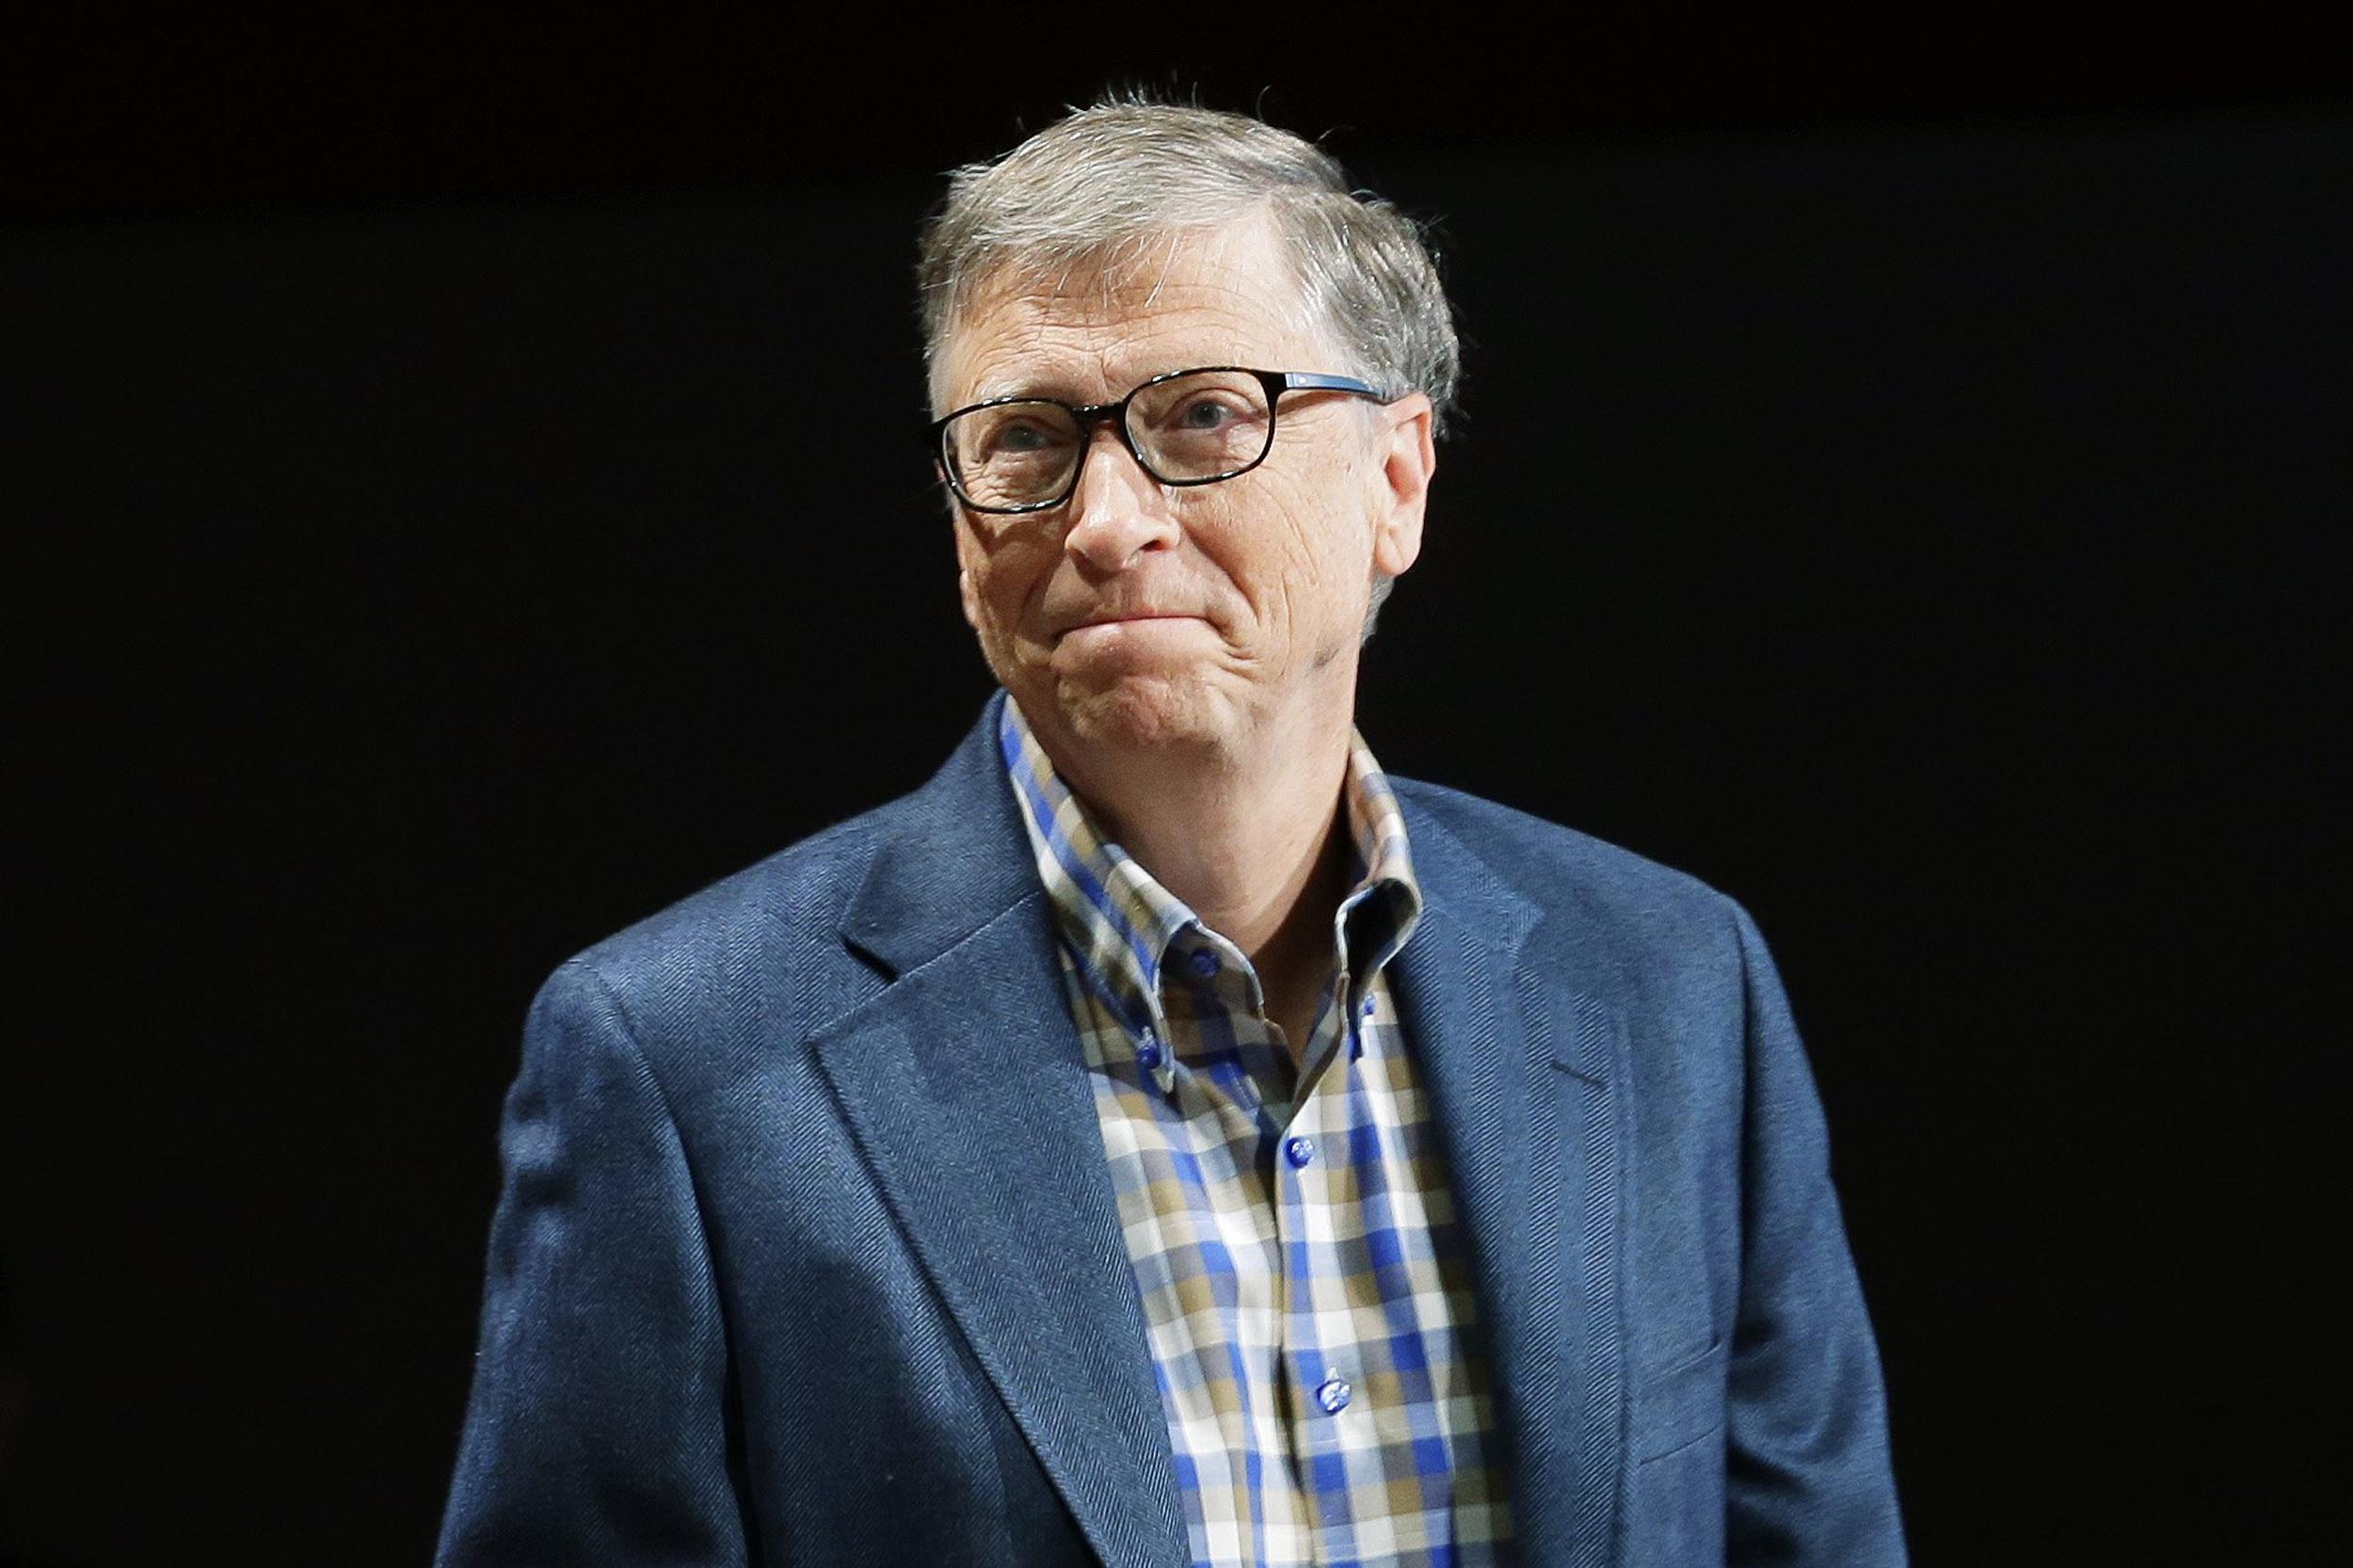 Gates calls divorce 'a sad milestone,' Epstein friendship a 'huge mistake'